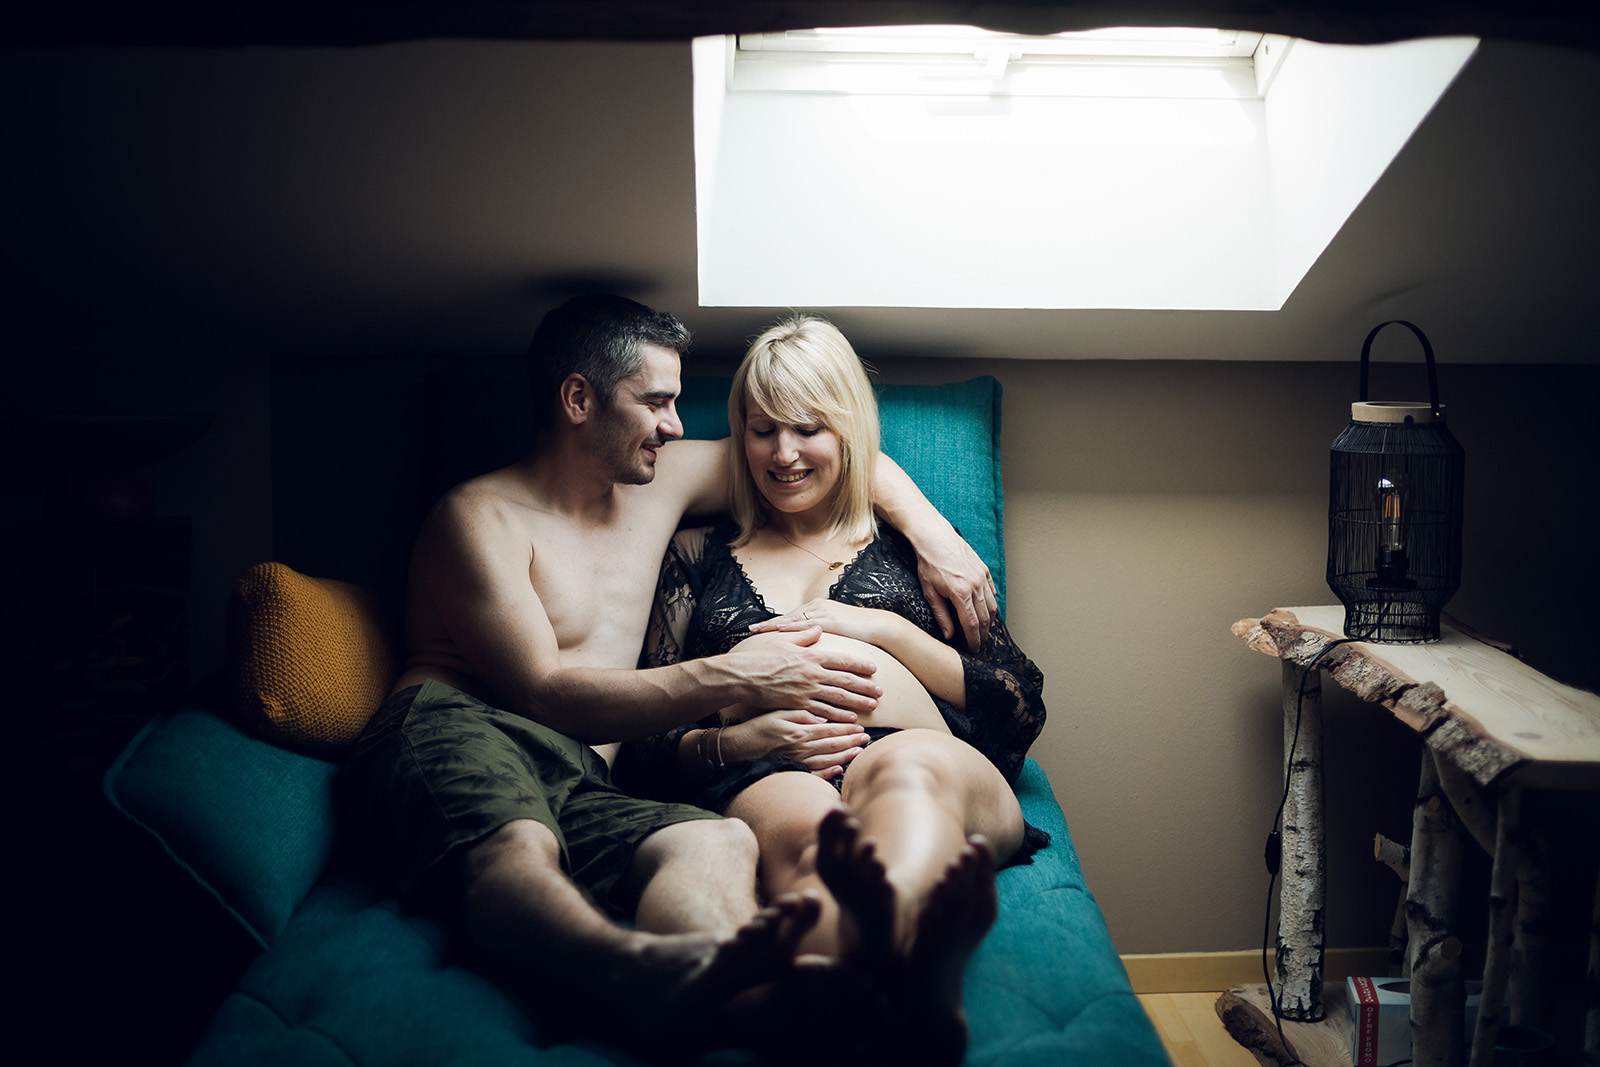 seance-photo-grossesse-portrait-couple-elise-julliard-photographe-lyon-auvergne-rhone-alpes-villefranche-sur-saone-beaujolais-love-session-famille-18